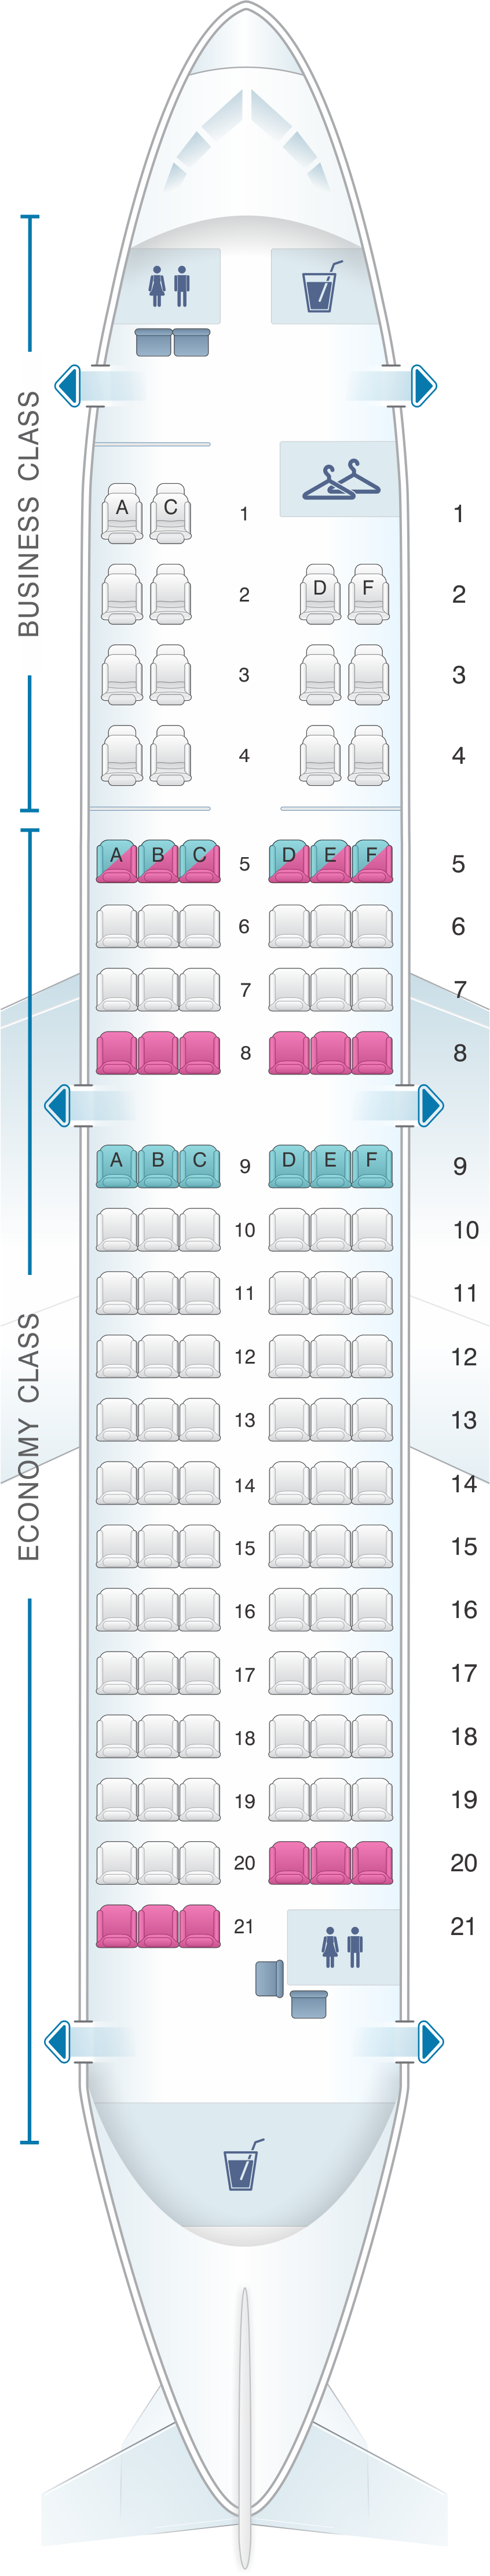 A318 схема салона